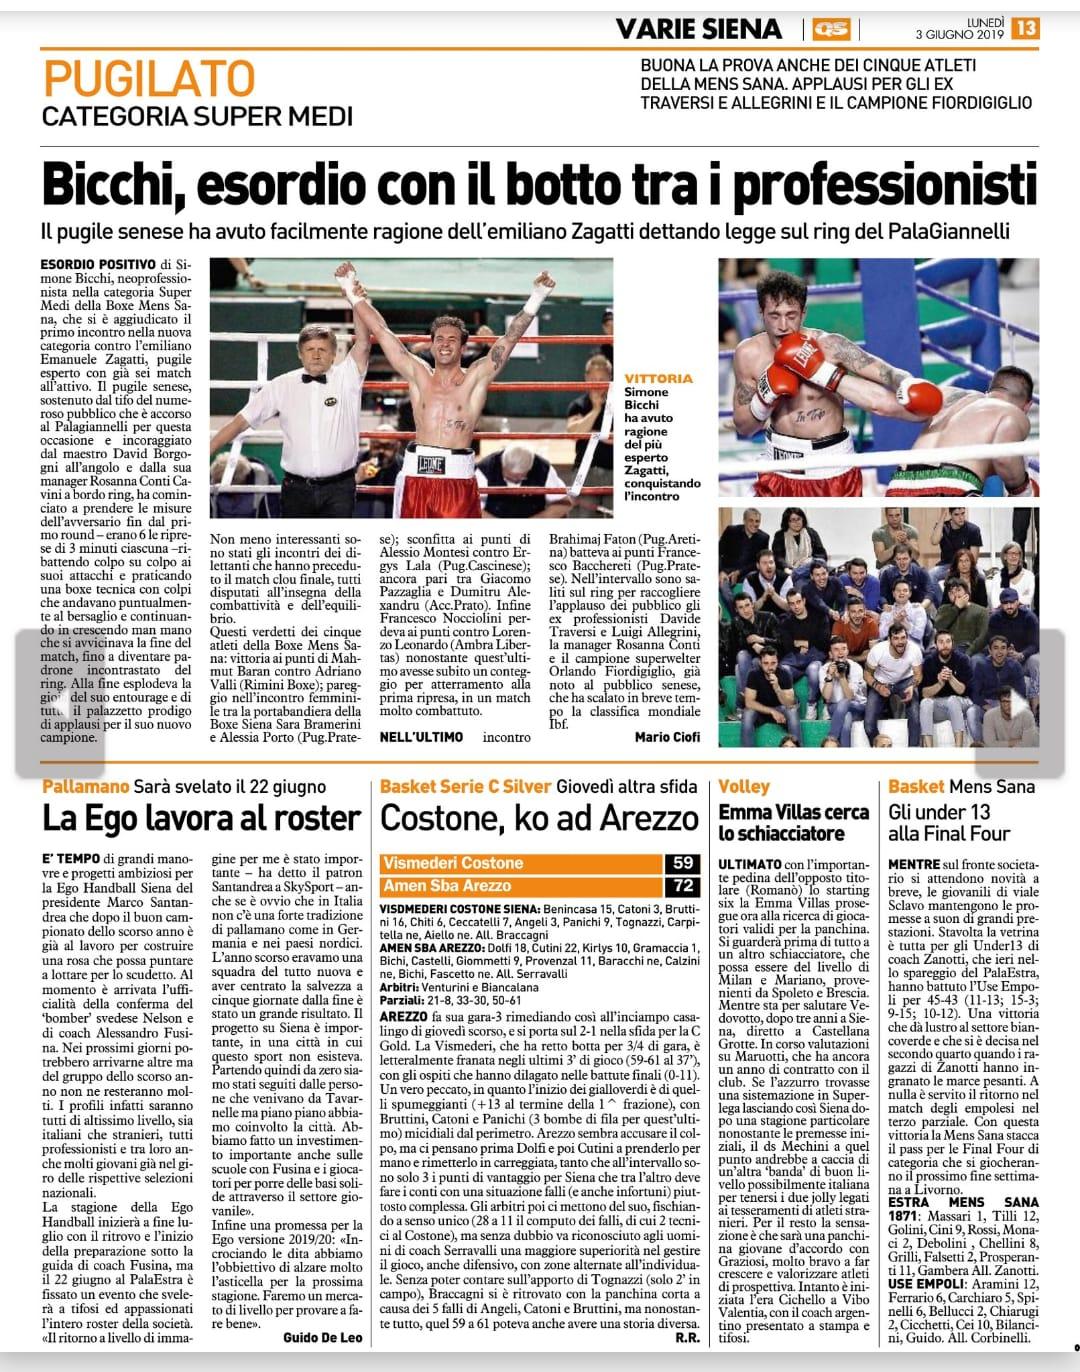 La Nazione SIENA 03/03/2019